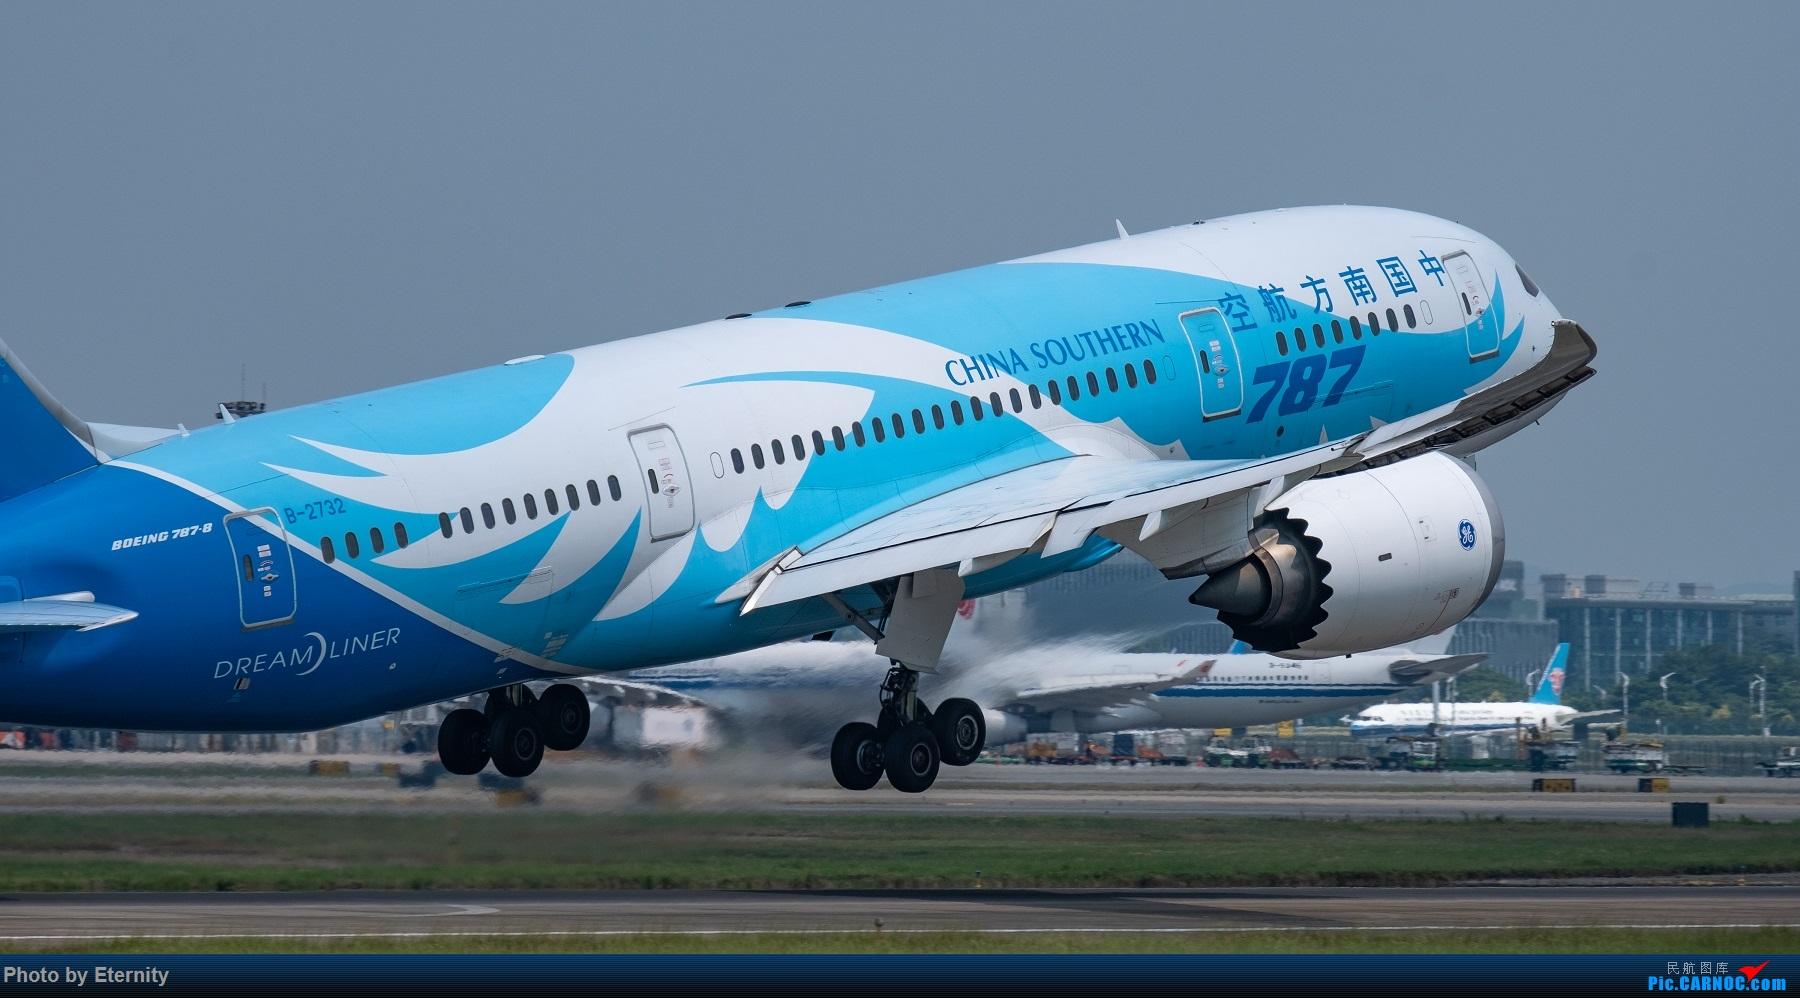 Re:[原创]后疫情期间的暑假国内游 | 西安-上海-广州-成都 | 体验国内3条干线 | 吉祥航空787 | 南航350 | 海航737 BOEING 787-8 B-2732 中国广州白云国际机场